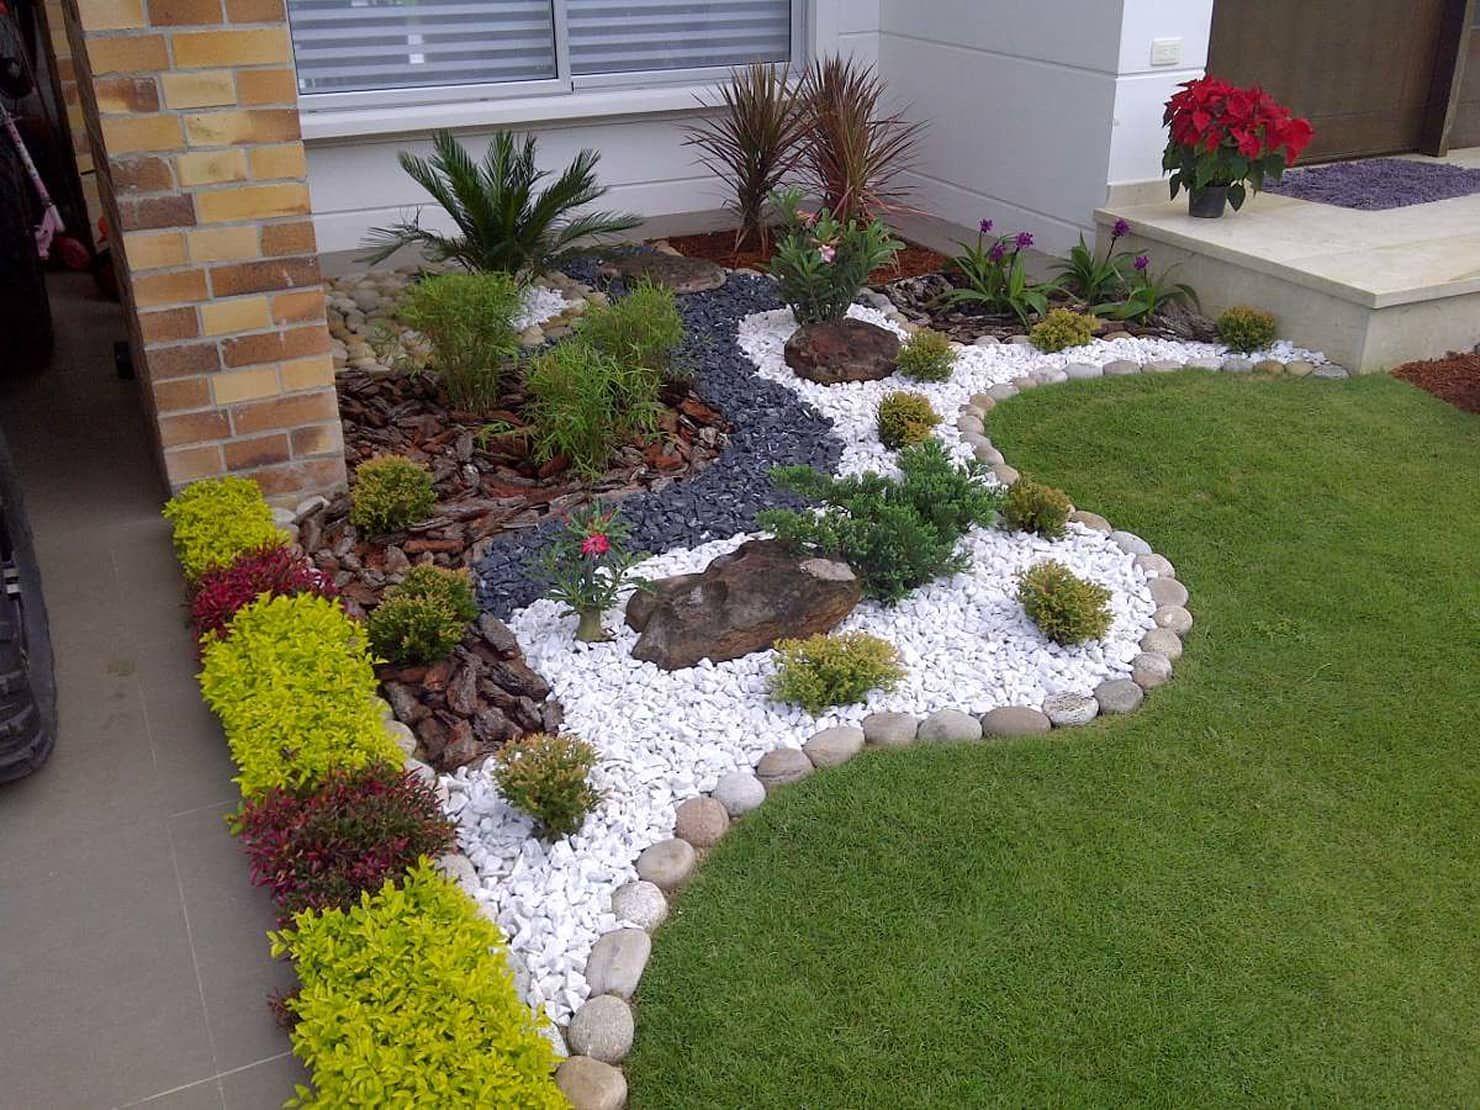 Jardines de estilo por jardines paisajismo y decoraciones elyflor, moderno